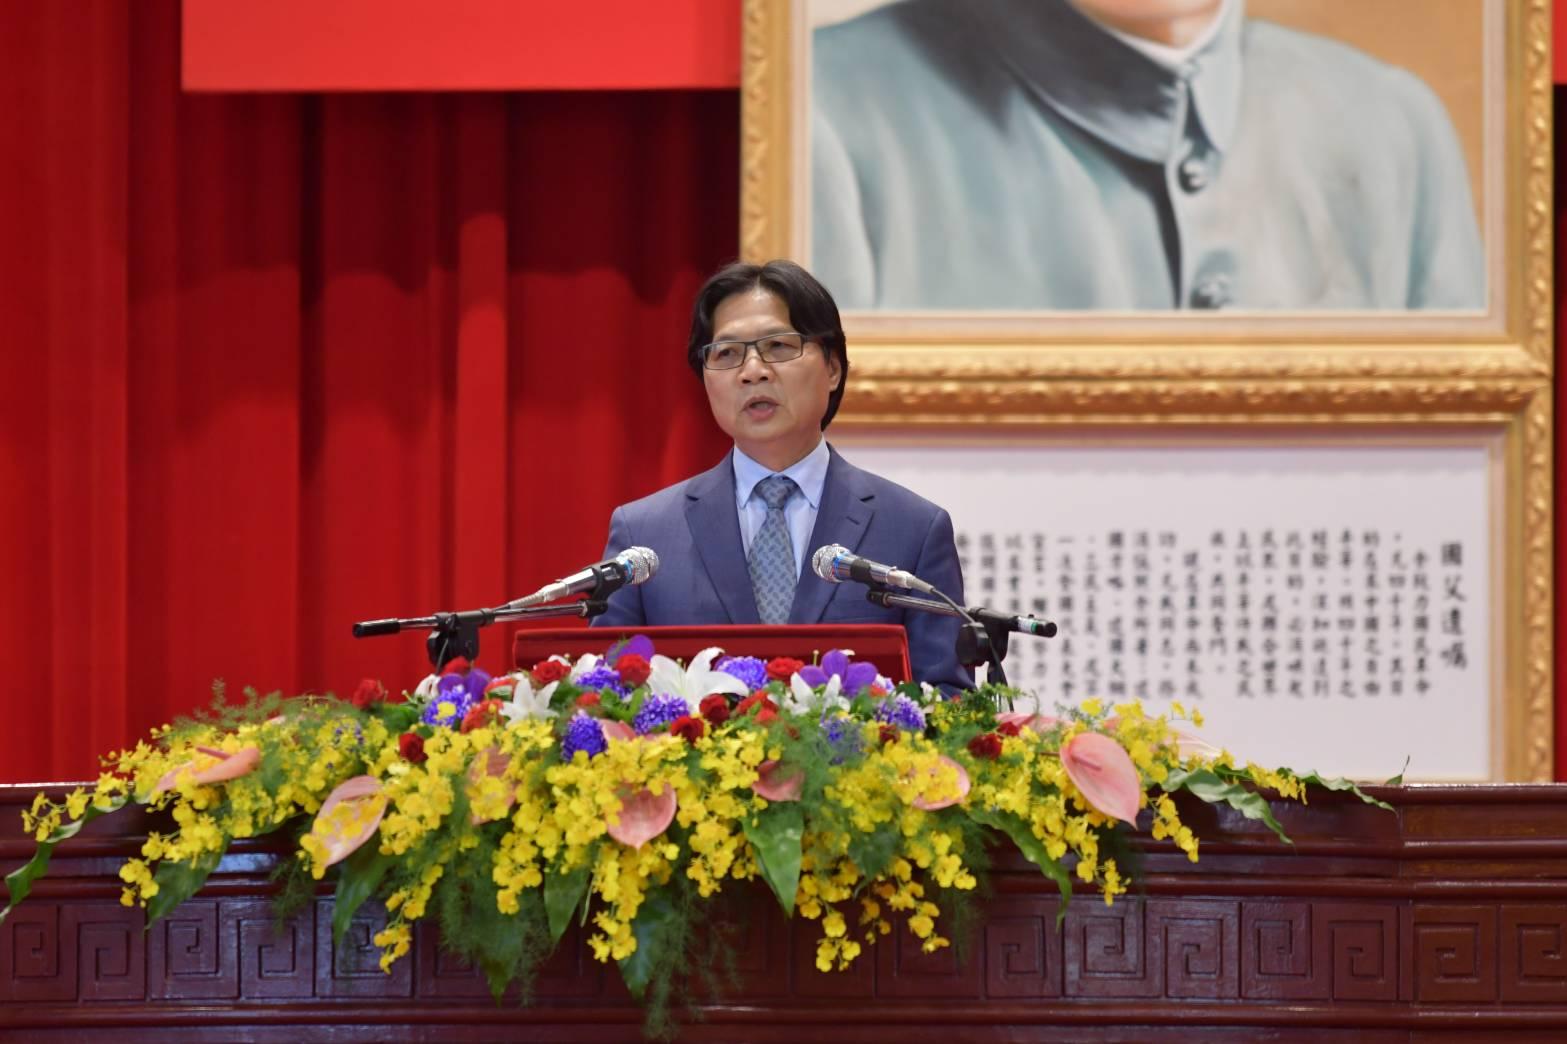 部長葉俊榮期勉畢業生要用同理心體會民眾的感受,為民眾提供最有效率的服務。